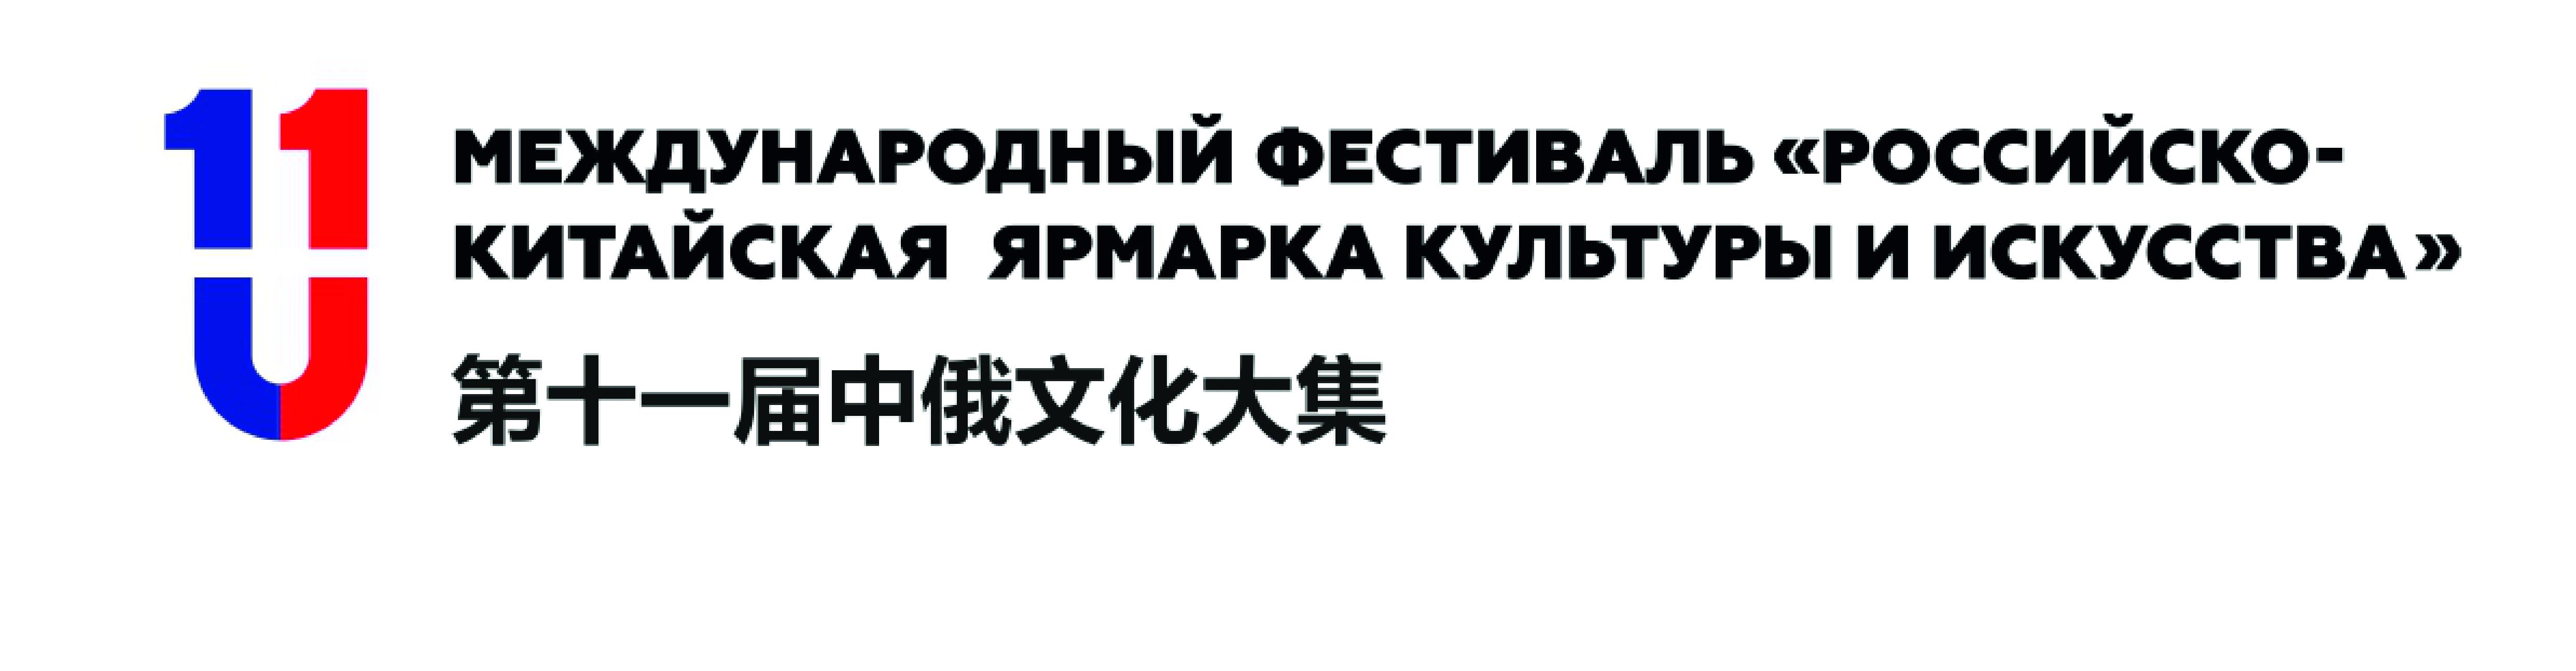 Программа мероприятий АОНБ на XI РКЯ